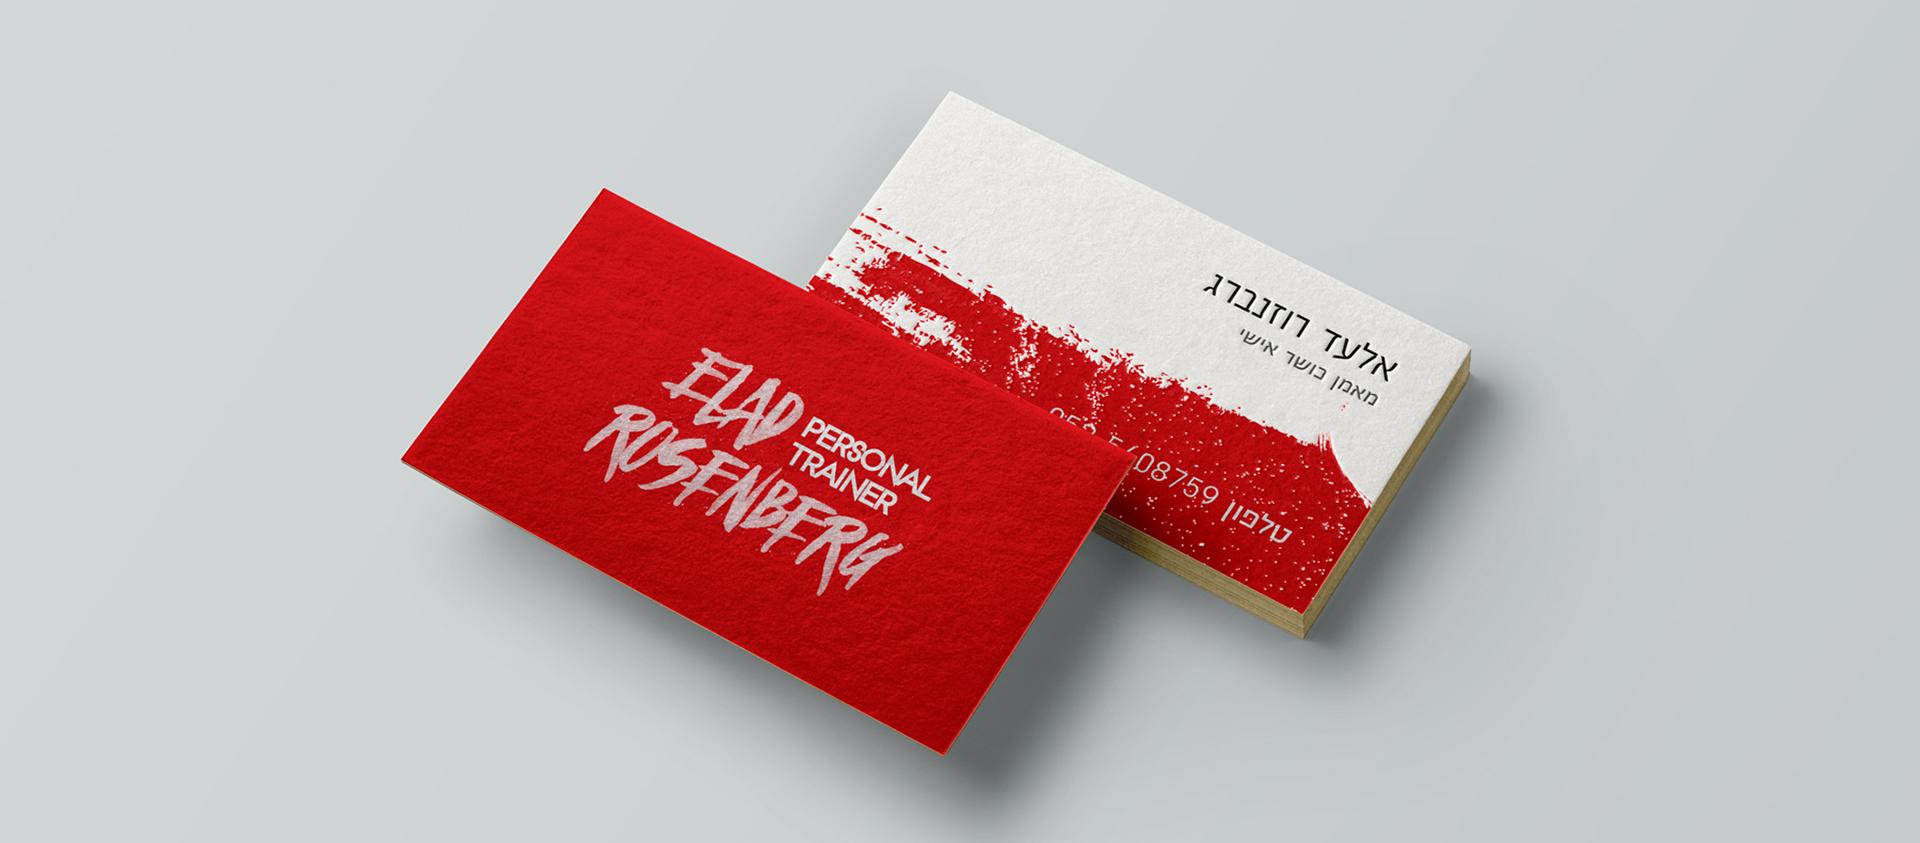 הדמיית עיצוב כרטיס ביקור - אלעד רוזנ